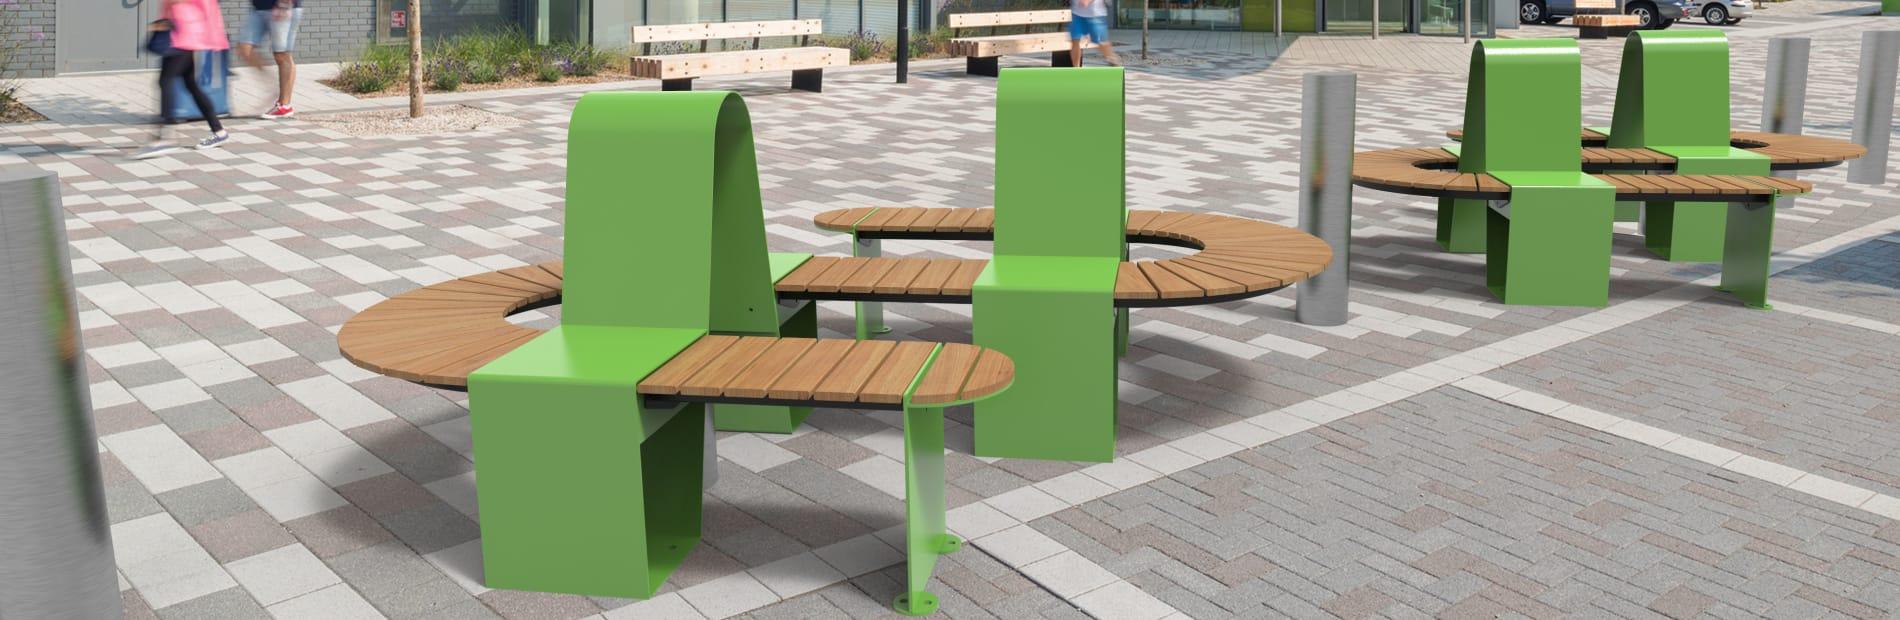 kirkos hvm furniture